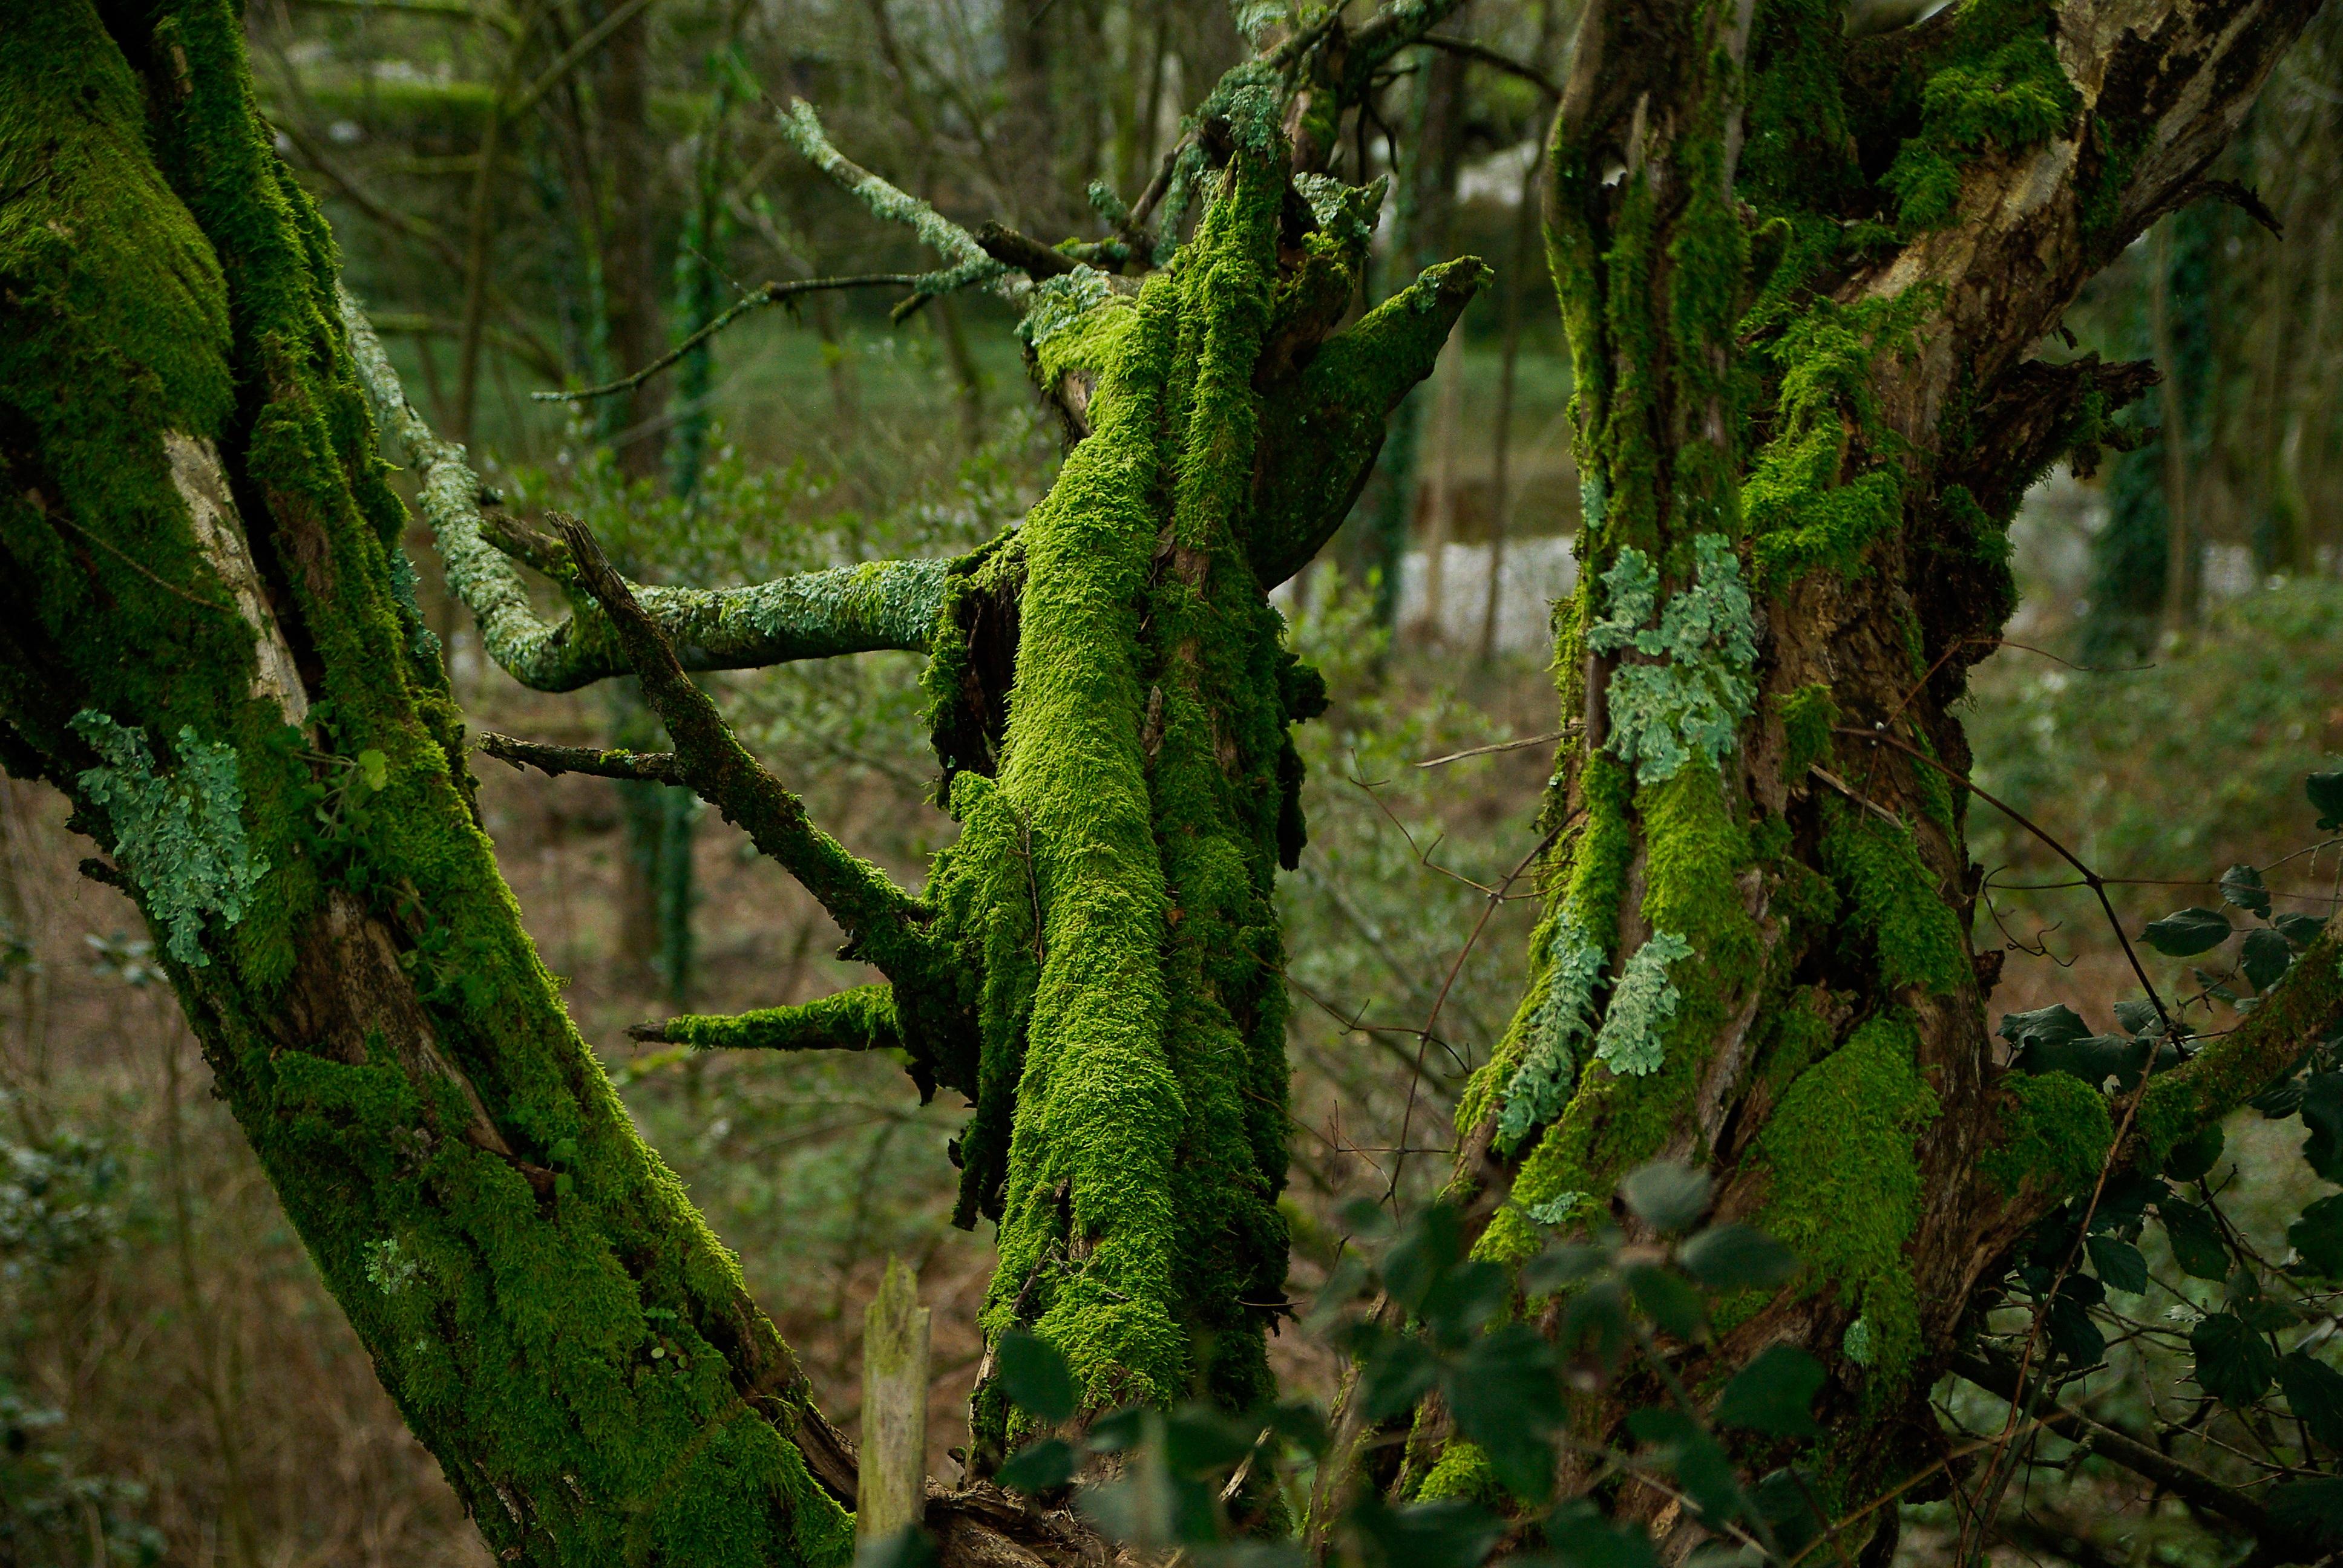 free images nature branch leaf flower moss bark foam wildlife green jungle botany. Black Bedroom Furniture Sets. Home Design Ideas